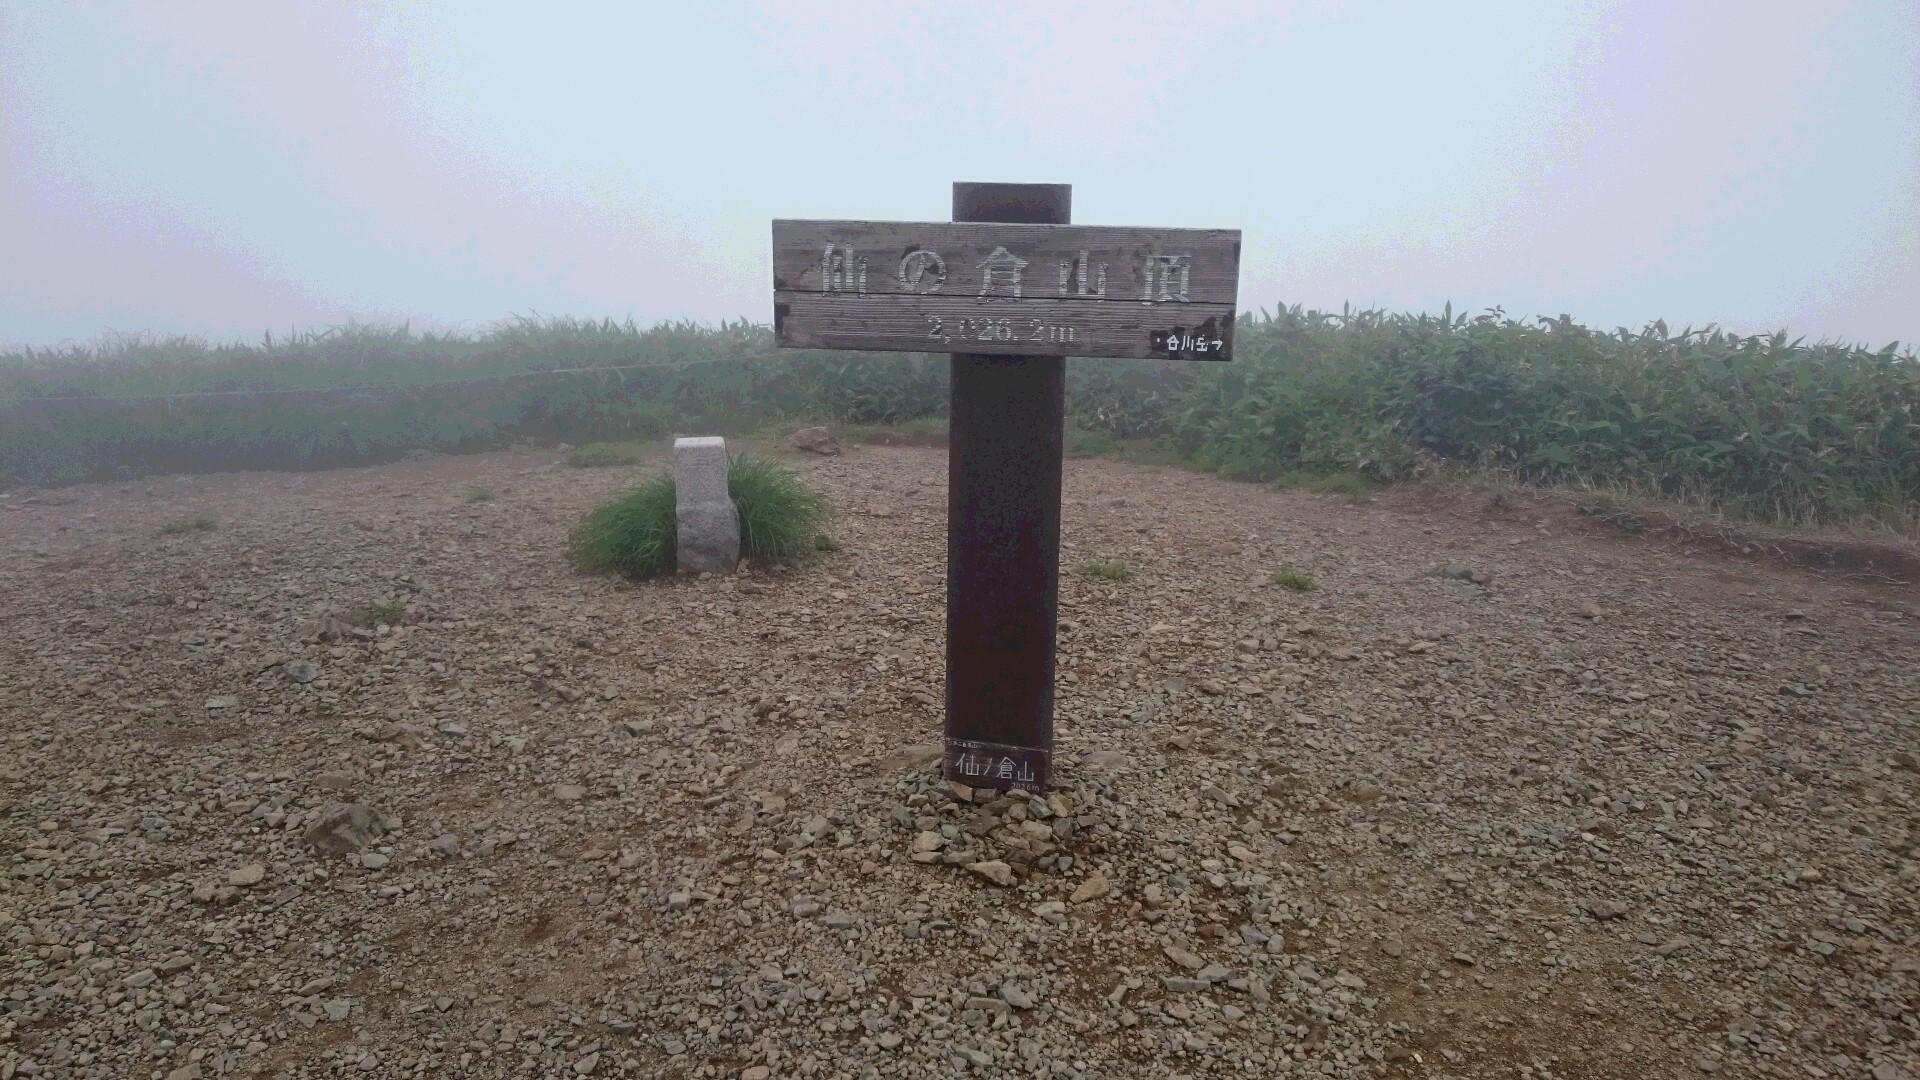 仙ノ倉山に登ってきました。